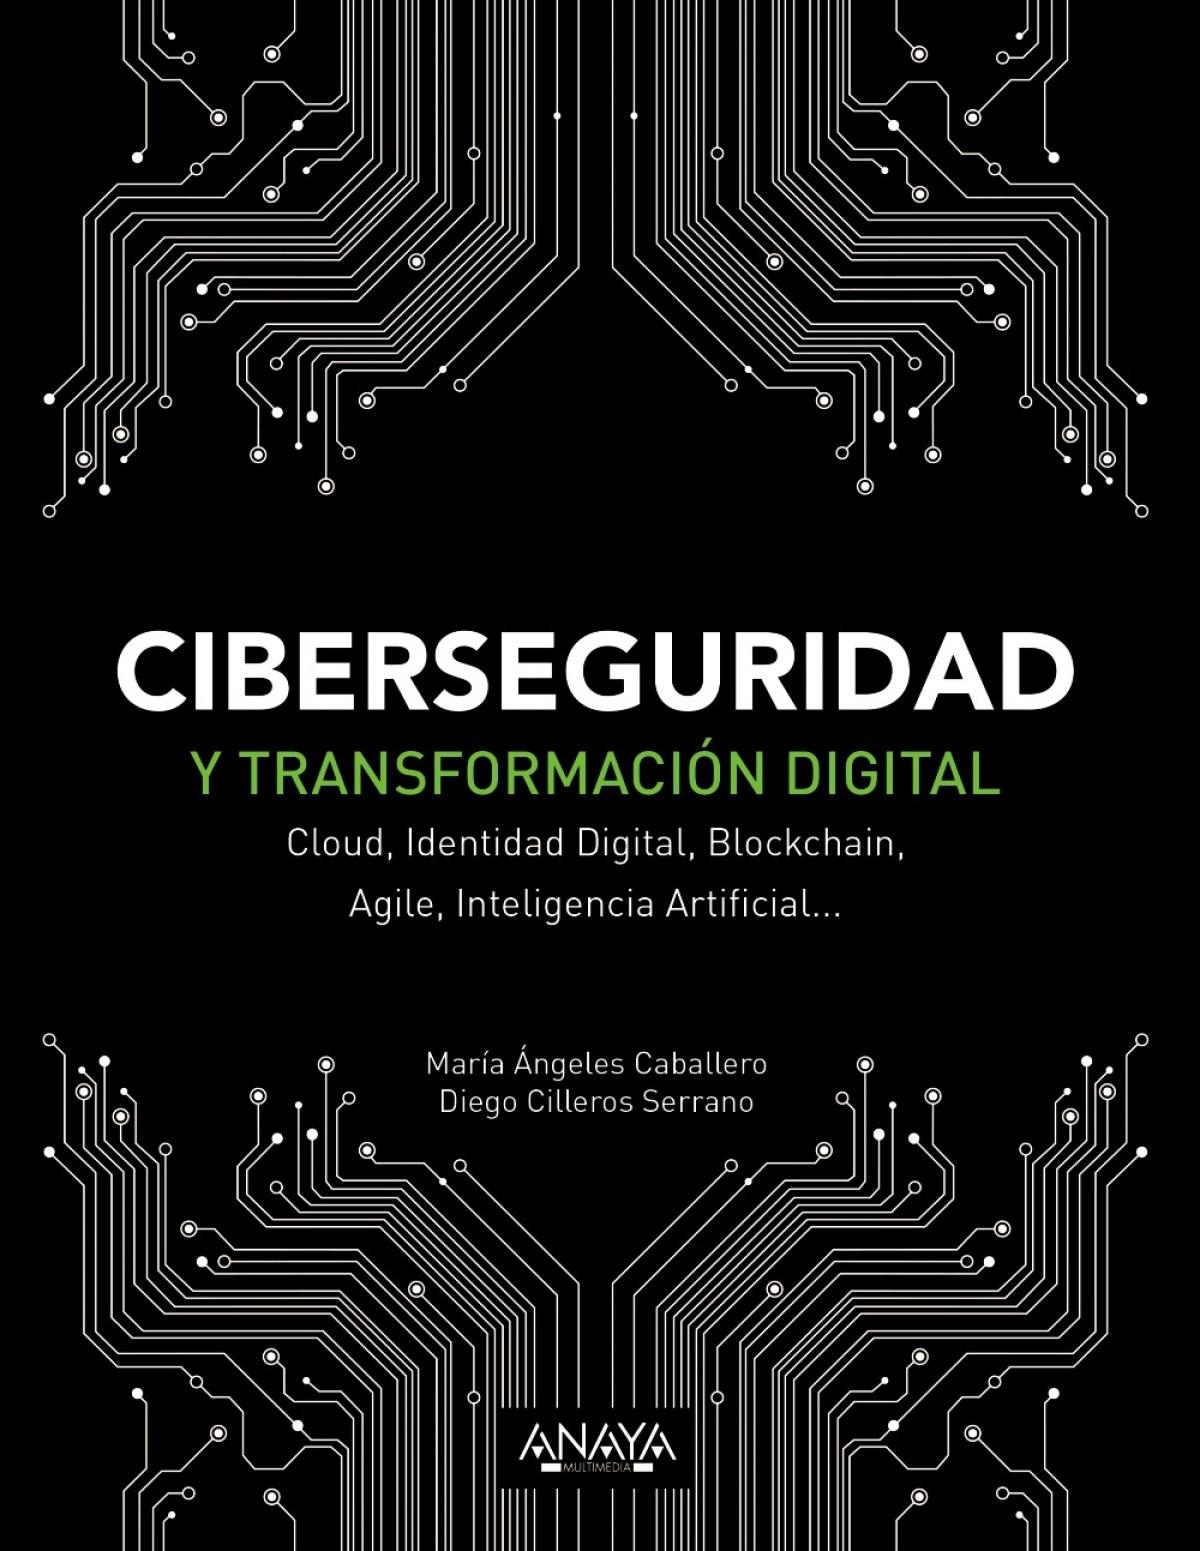 CIBERSEGURIDAD Y TRANSFORMACIÓN DIGITAL 9788441541627